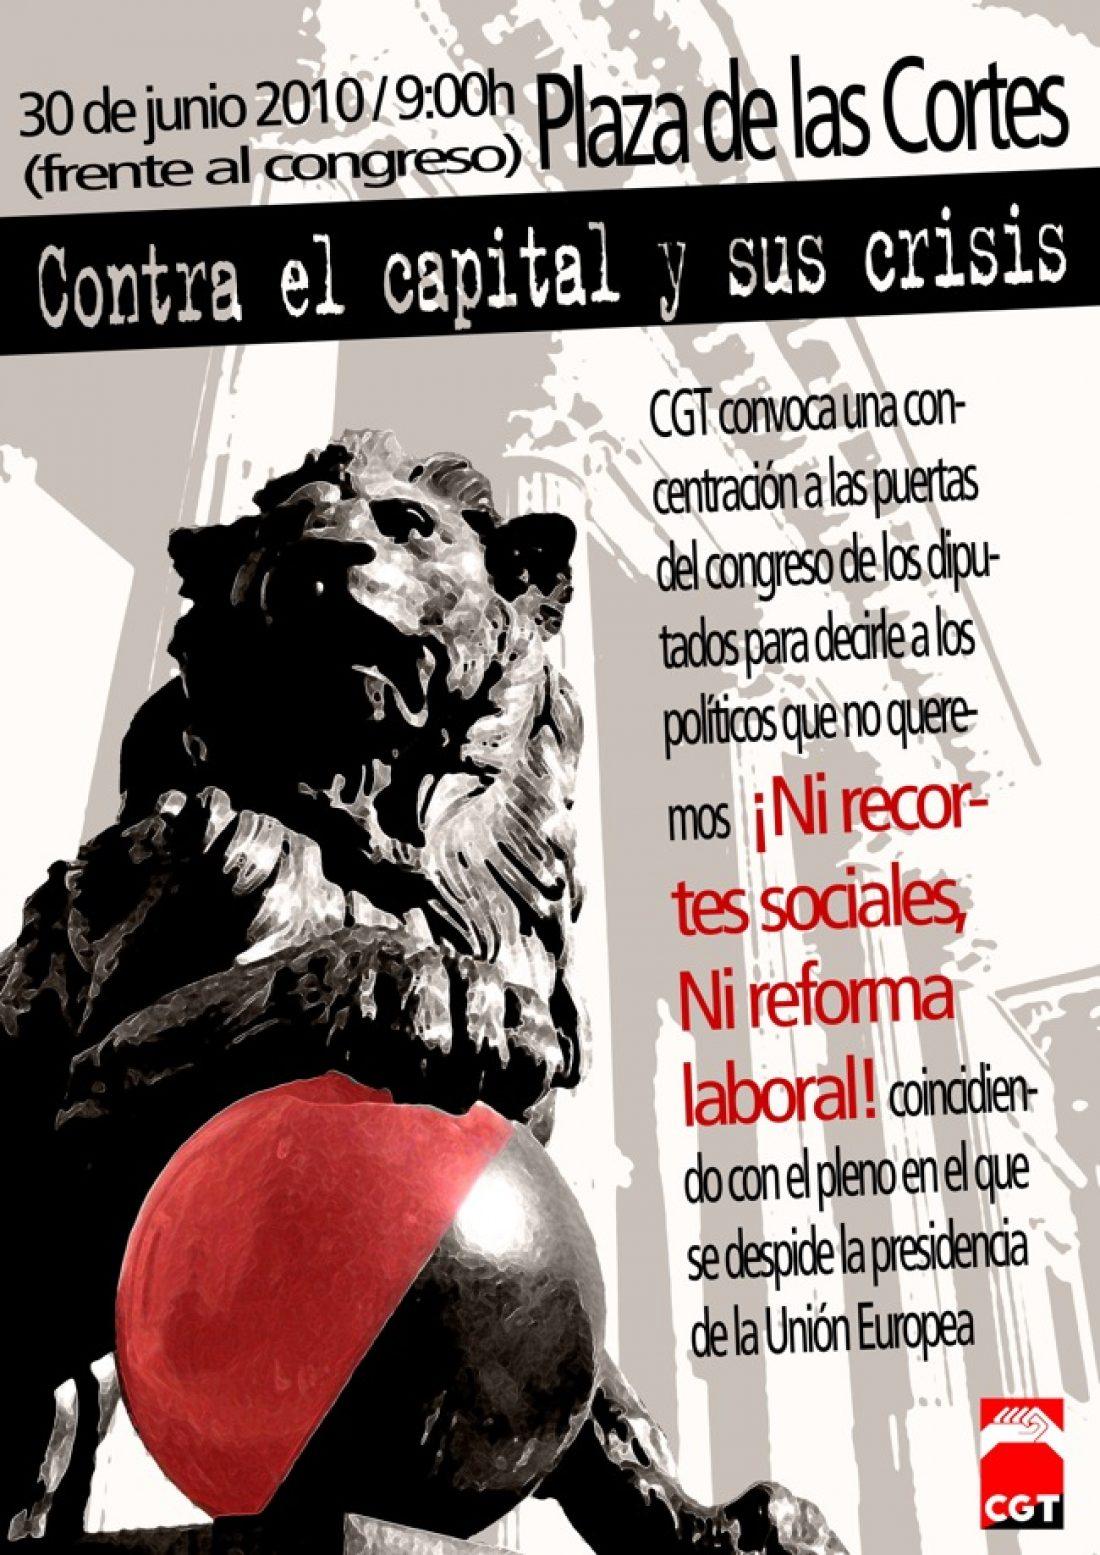 Madrid, 30 de Junio: Concentración contra los recortes y la reforma laboral.